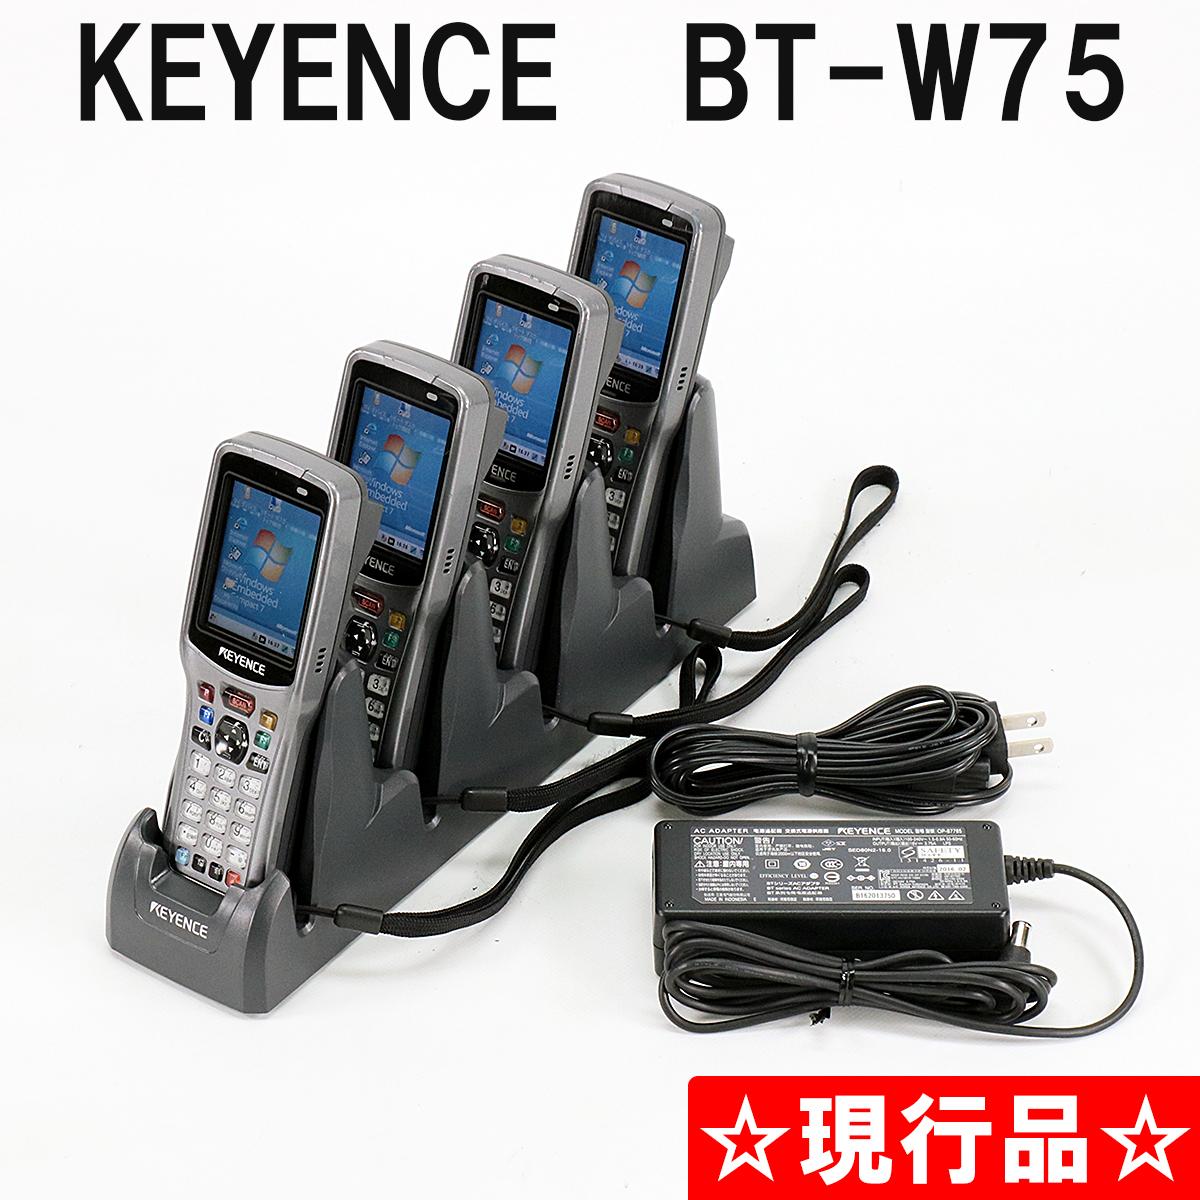 無線LAN QRコード読み取り対応のハンディターミナル読み取りのレスポンスが非常に早く 重量わずか150gのコンパクトタイプ 送料無料激安祭 売り込み 現行品 小型 送料無料 ハンディターミナル BT-W75 4台セットKEYENCE キーエンス QRコード読み取り 中古 Bluetooth対応 ACアダプタ付 充電器付 バッテリー付 棚卸 一ヶ月保証有り バーコードリーダー